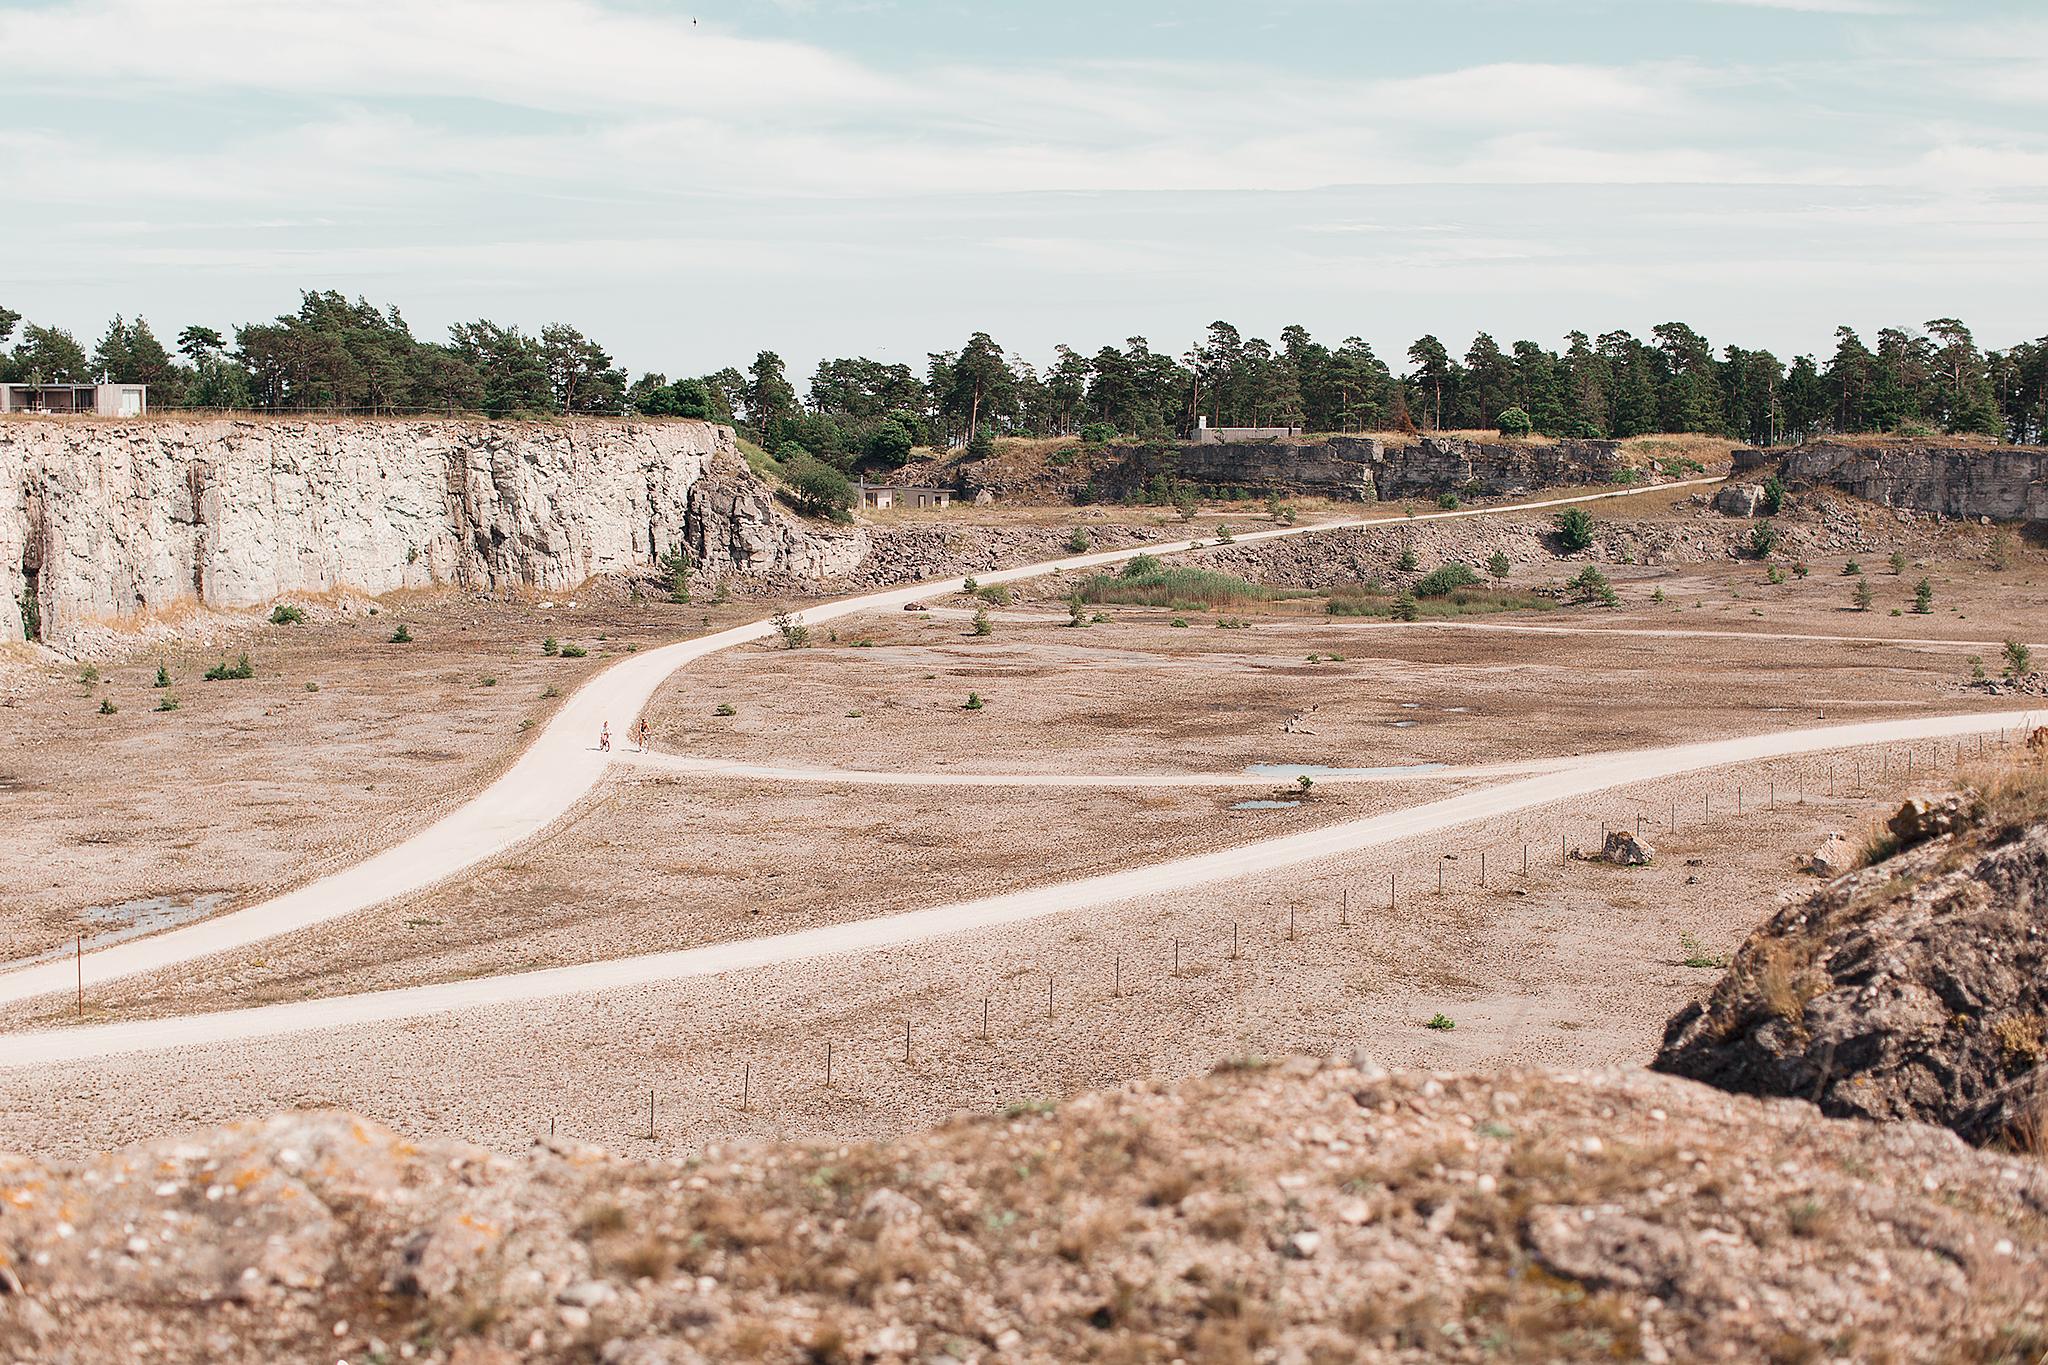 Resedagbok Gotland: Bungenäs kalkbrott